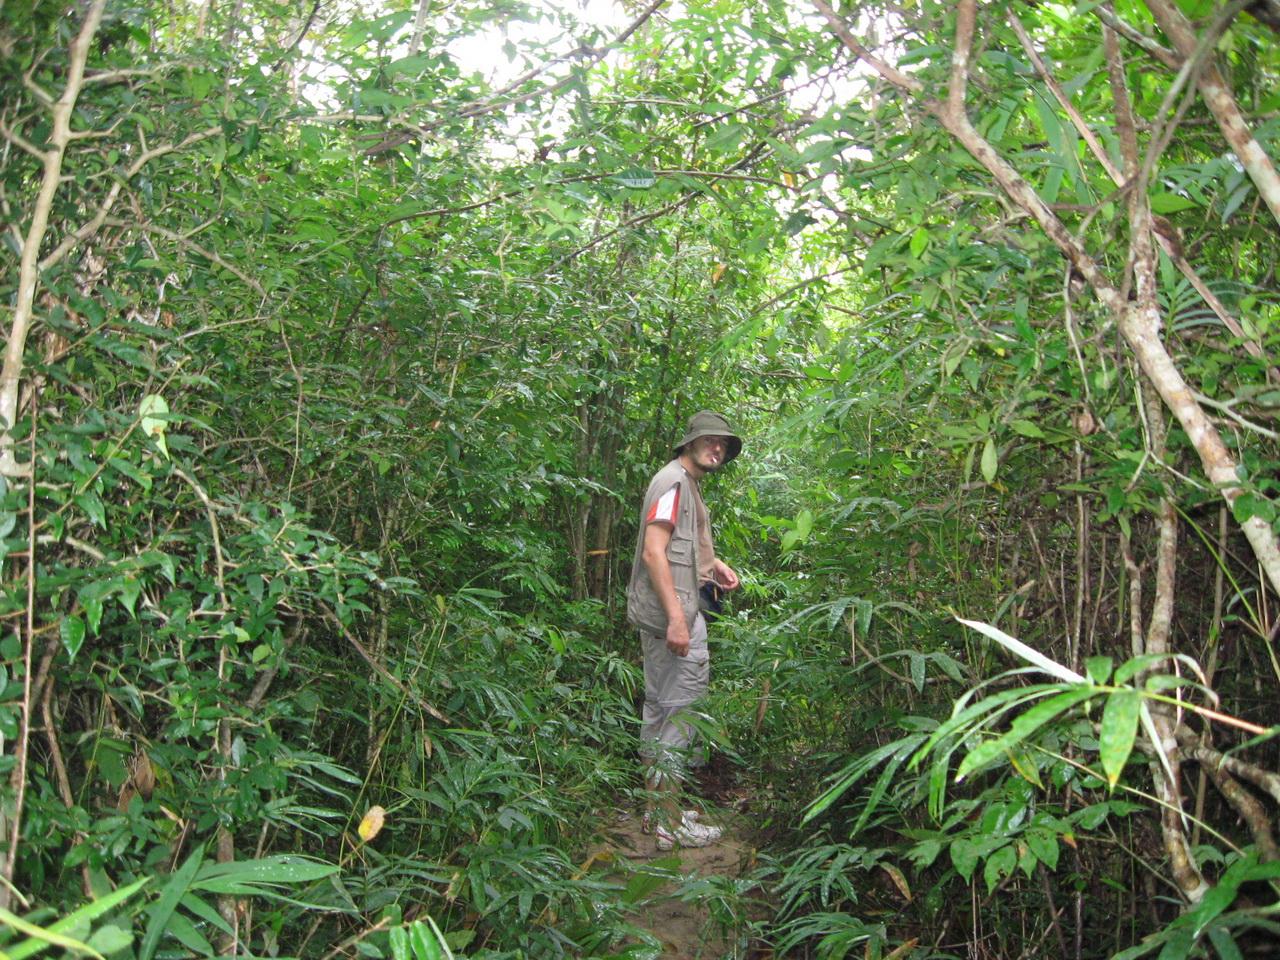 Phou Khao Khouay nacionalni park